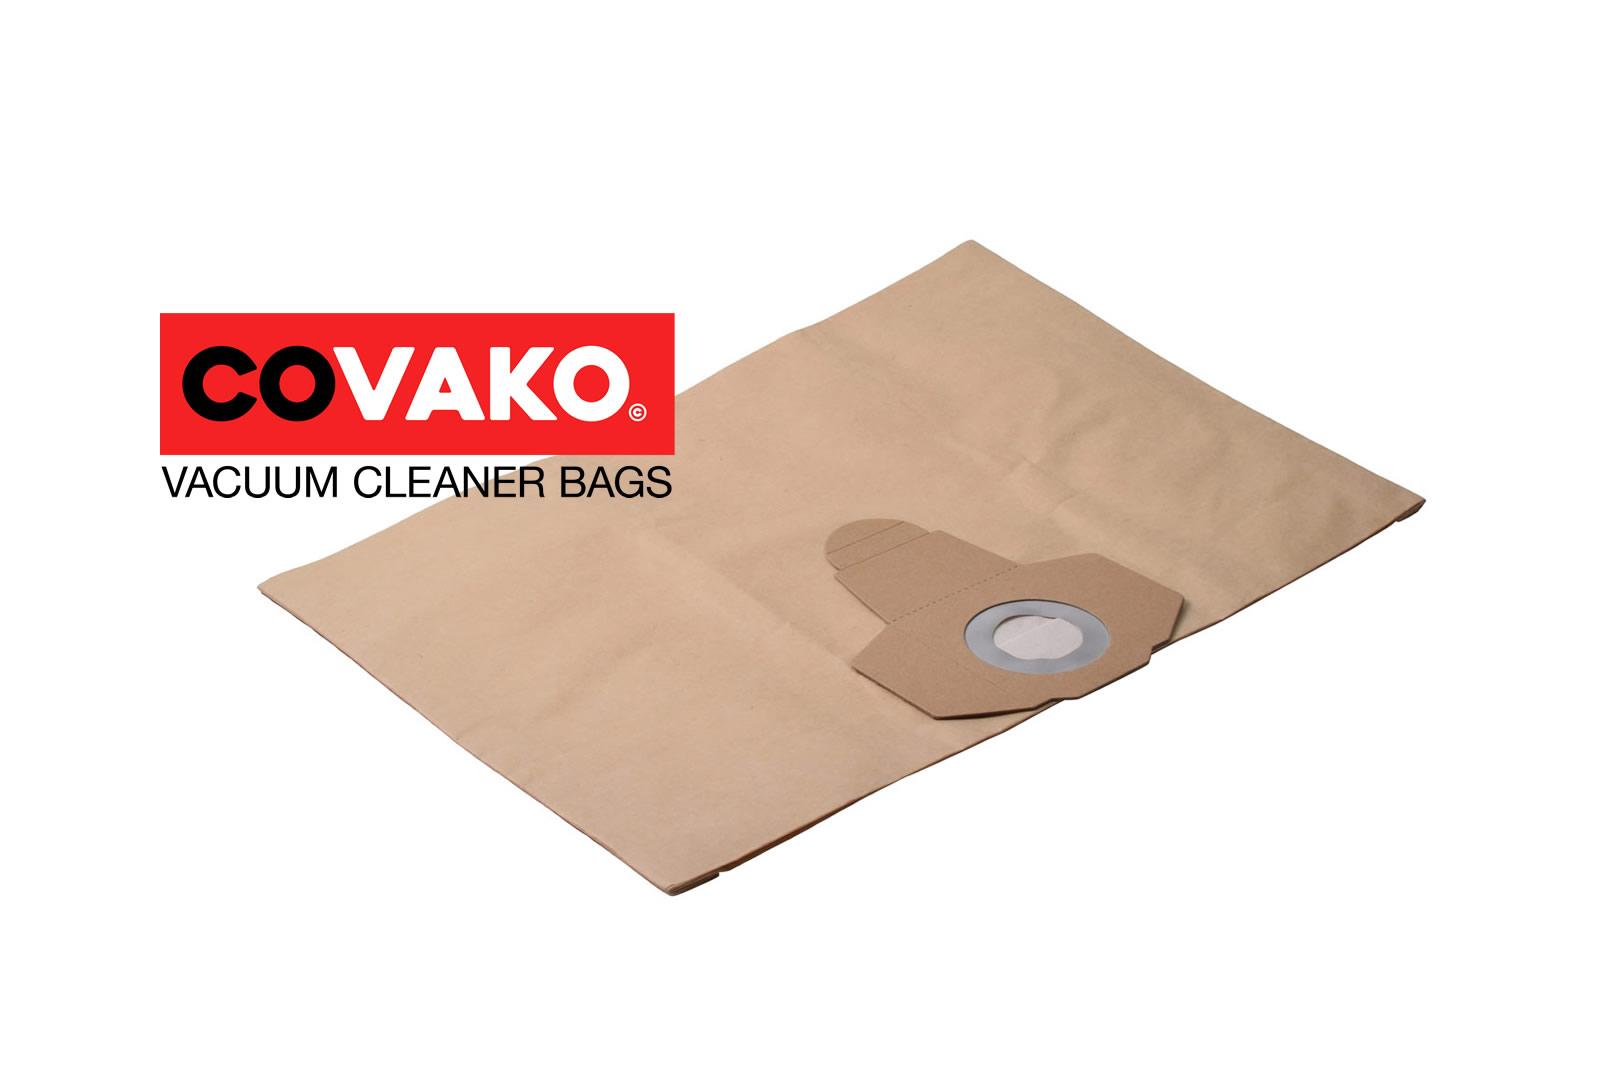 Parkside PNTS 1250 / Papier - Parkside sacs d'aspirateur